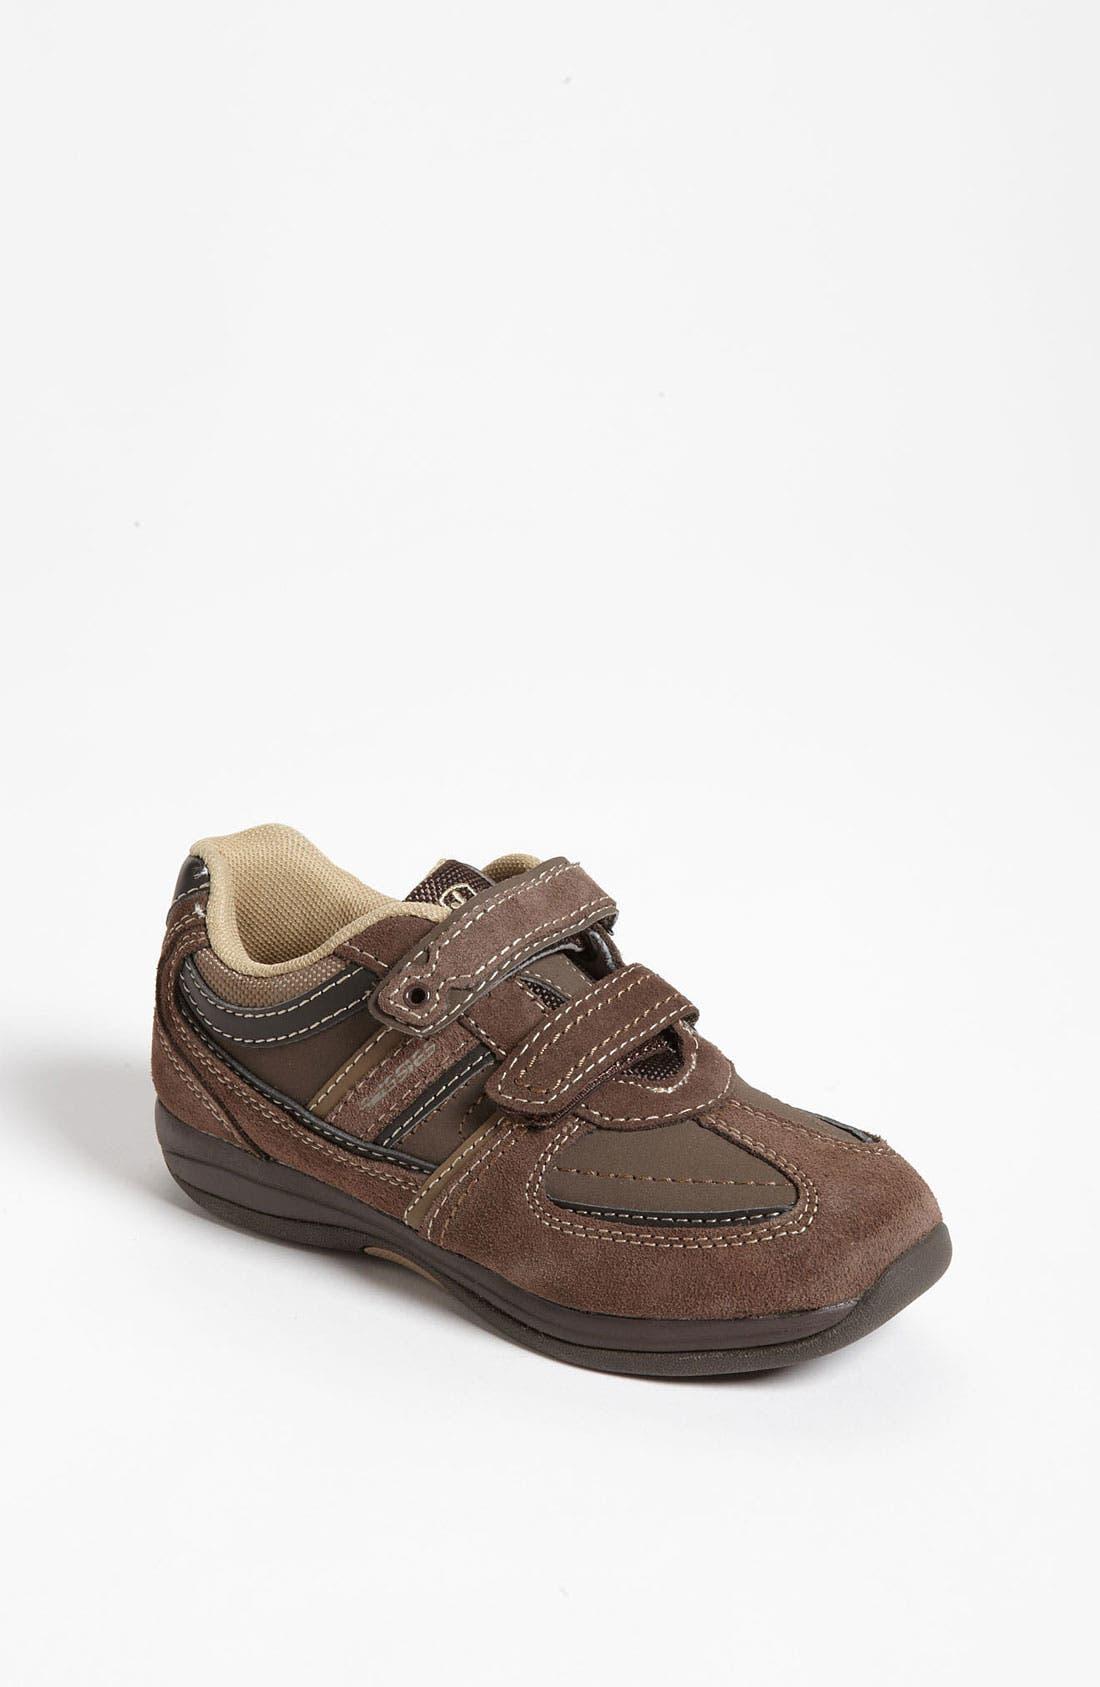 Alternate Image 1 Selected - Swissies 'Derek' Sneaker (Toddler, Little Kid & Big Kid)